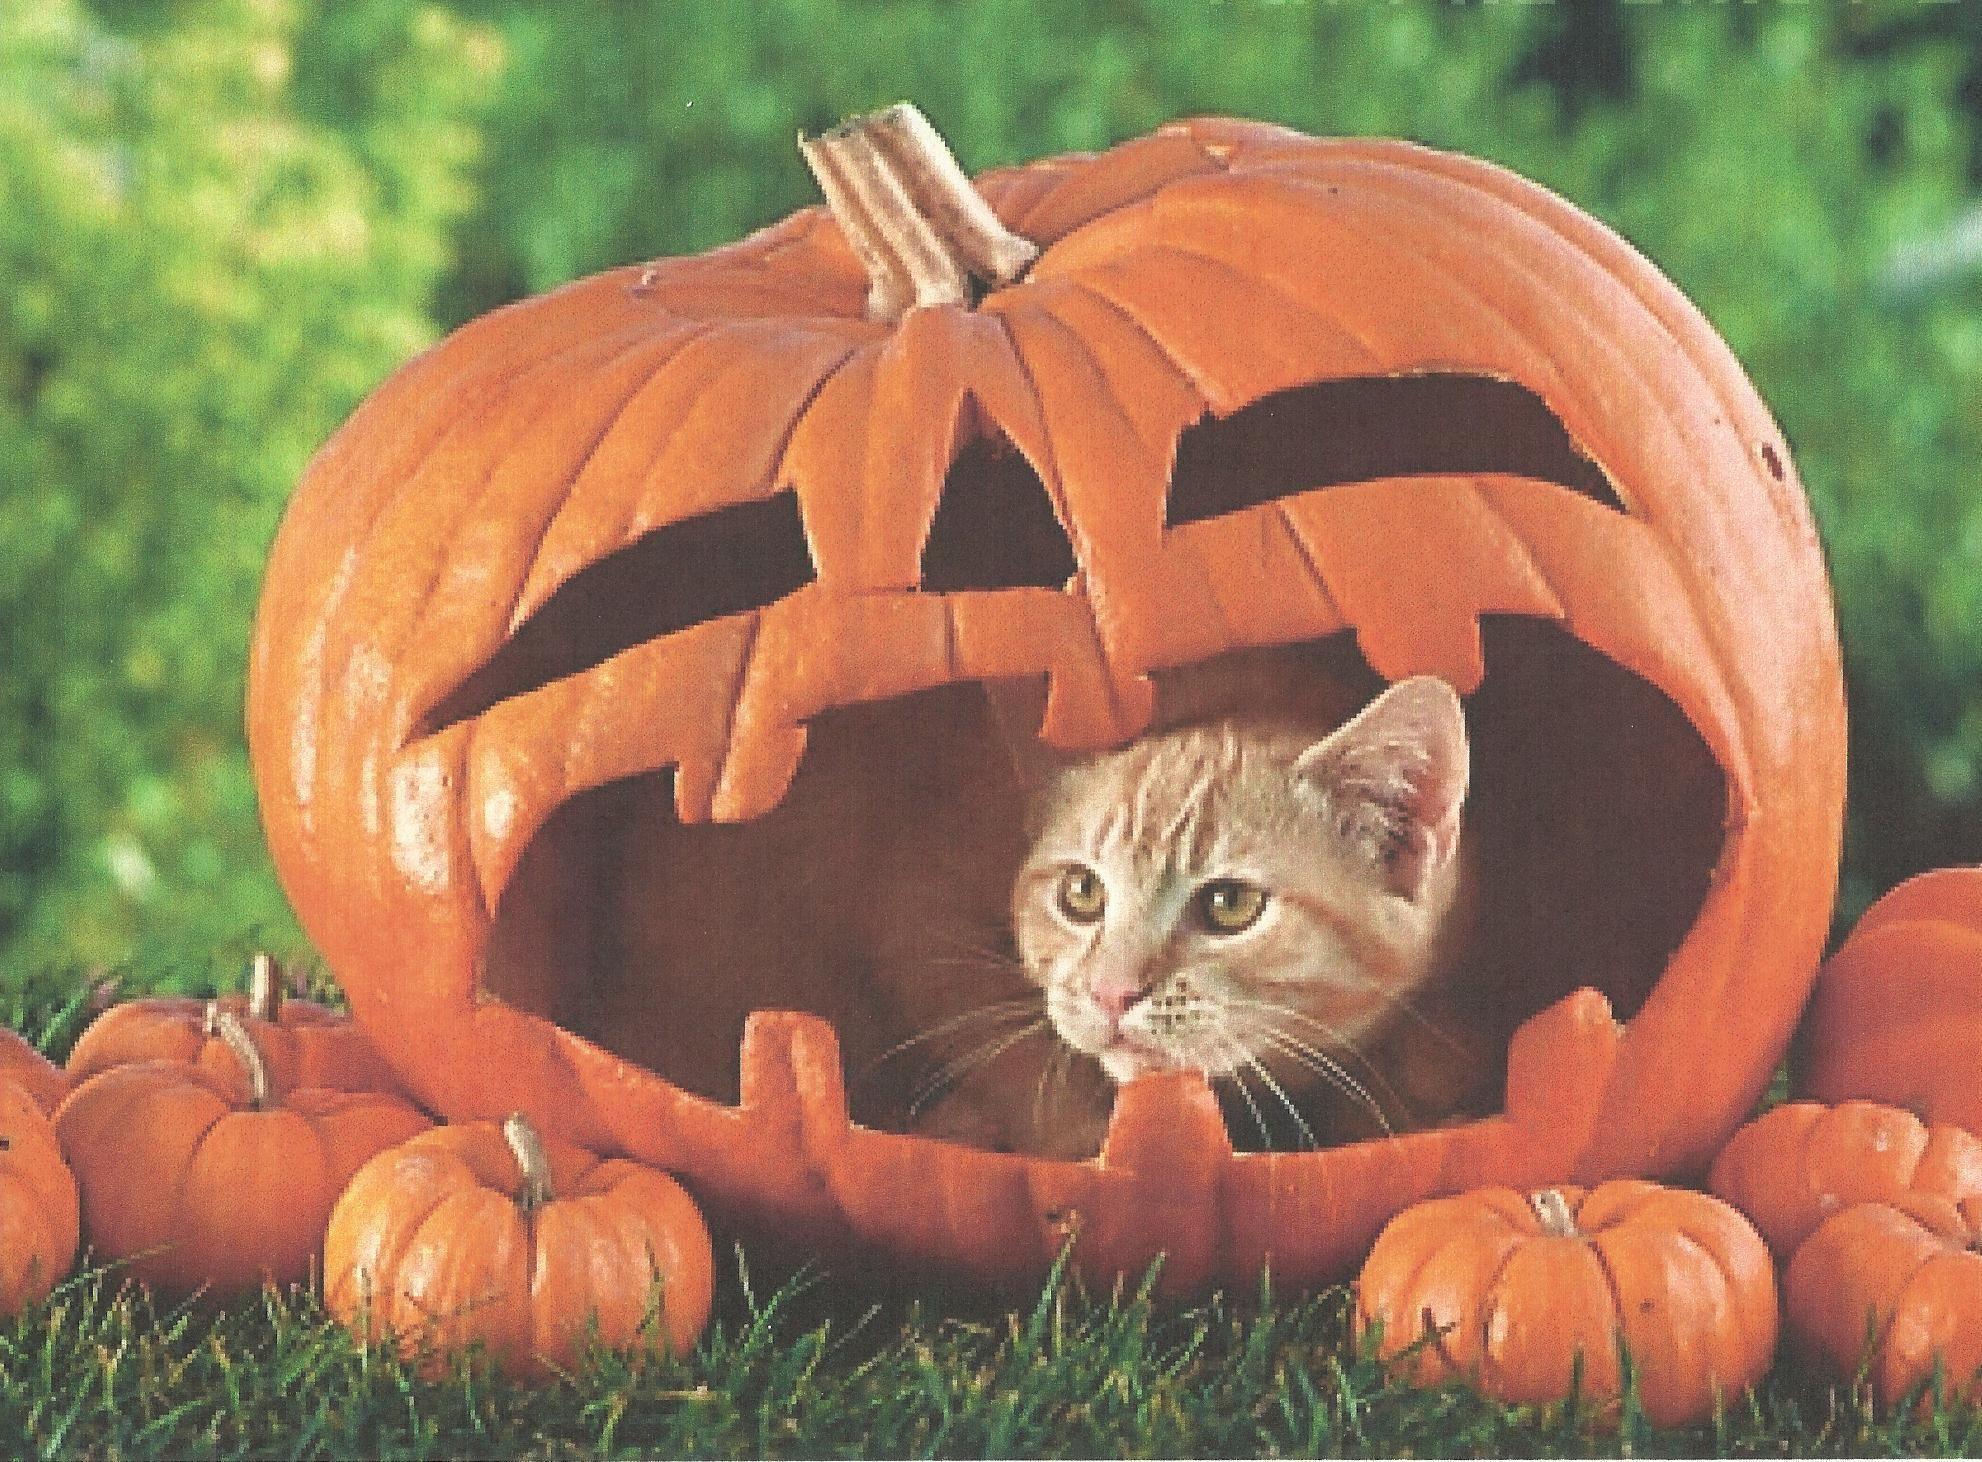 получения картинки хэллоуина с кошками числу первых принадлежат